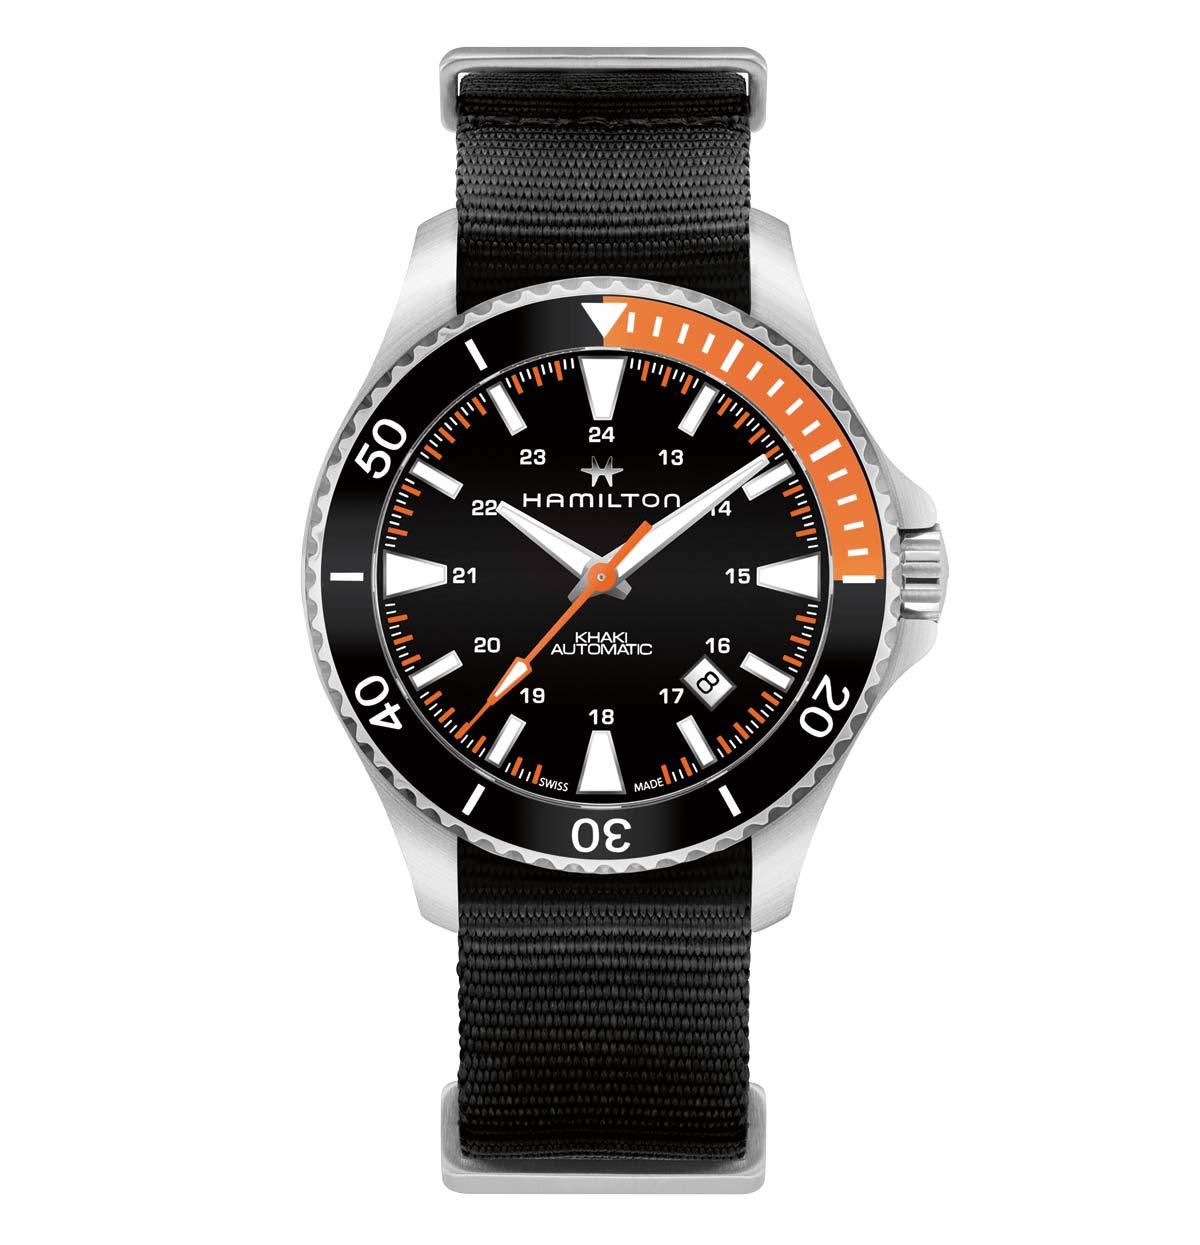 Hamilton Khaki Navy Scuba Time And Watches